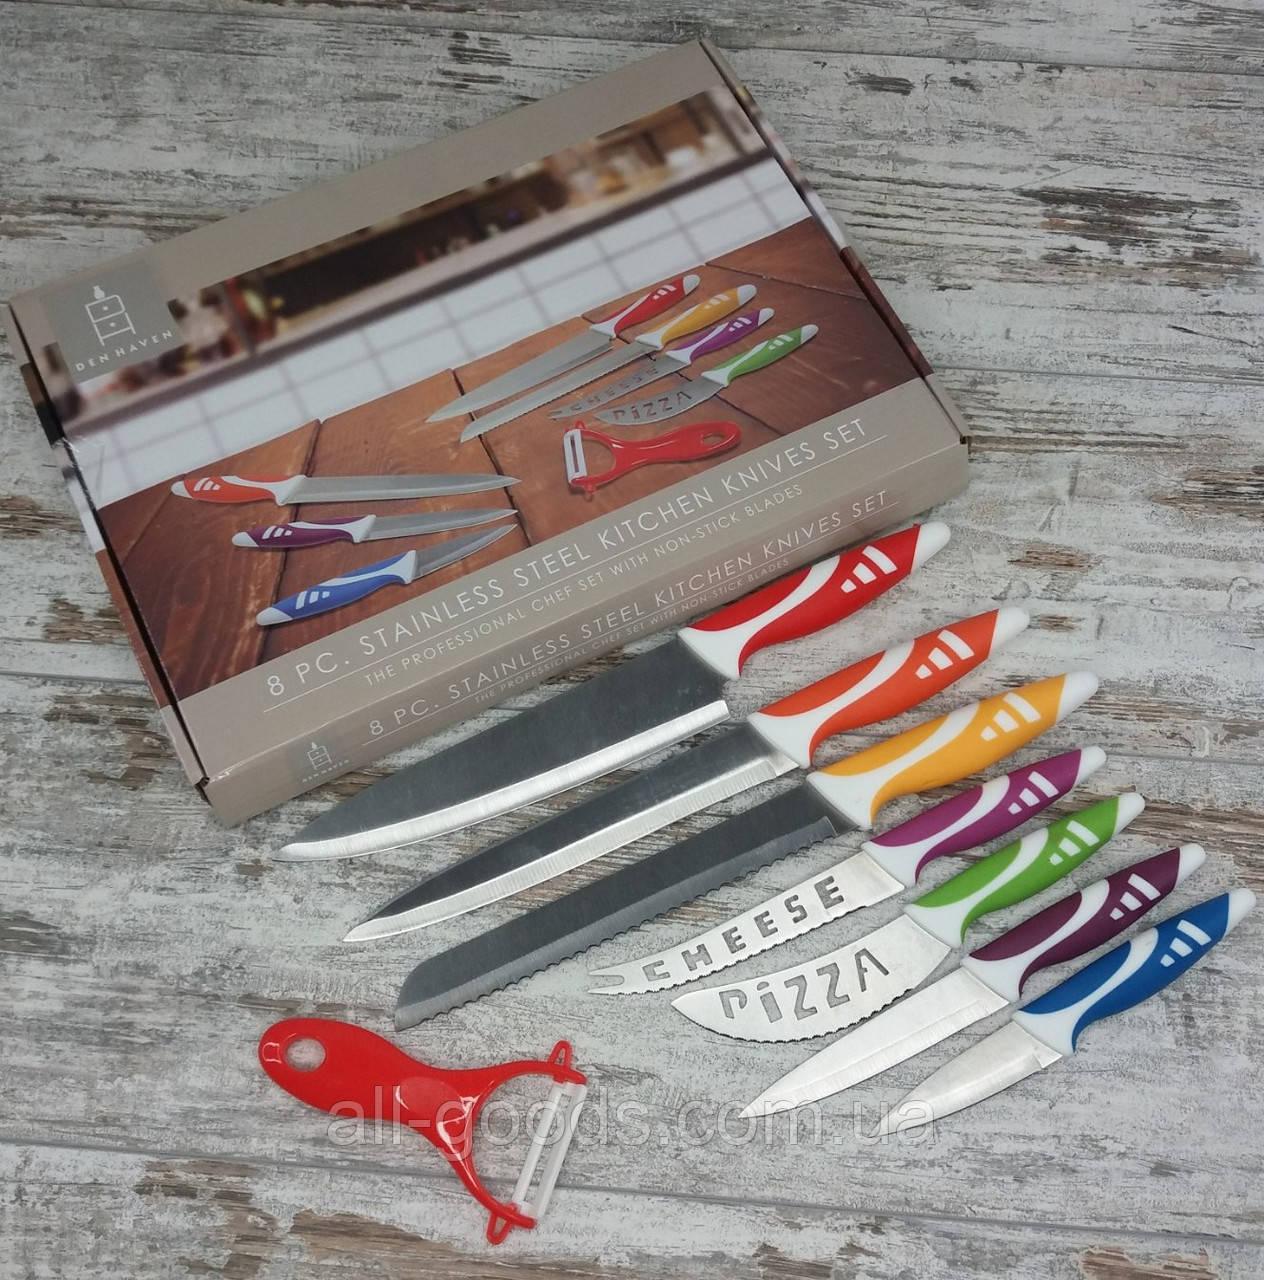 Набір кухонних ножів Professional Chef Set з 8 предметів з овощечисткой, ножі для кухні кухарські All